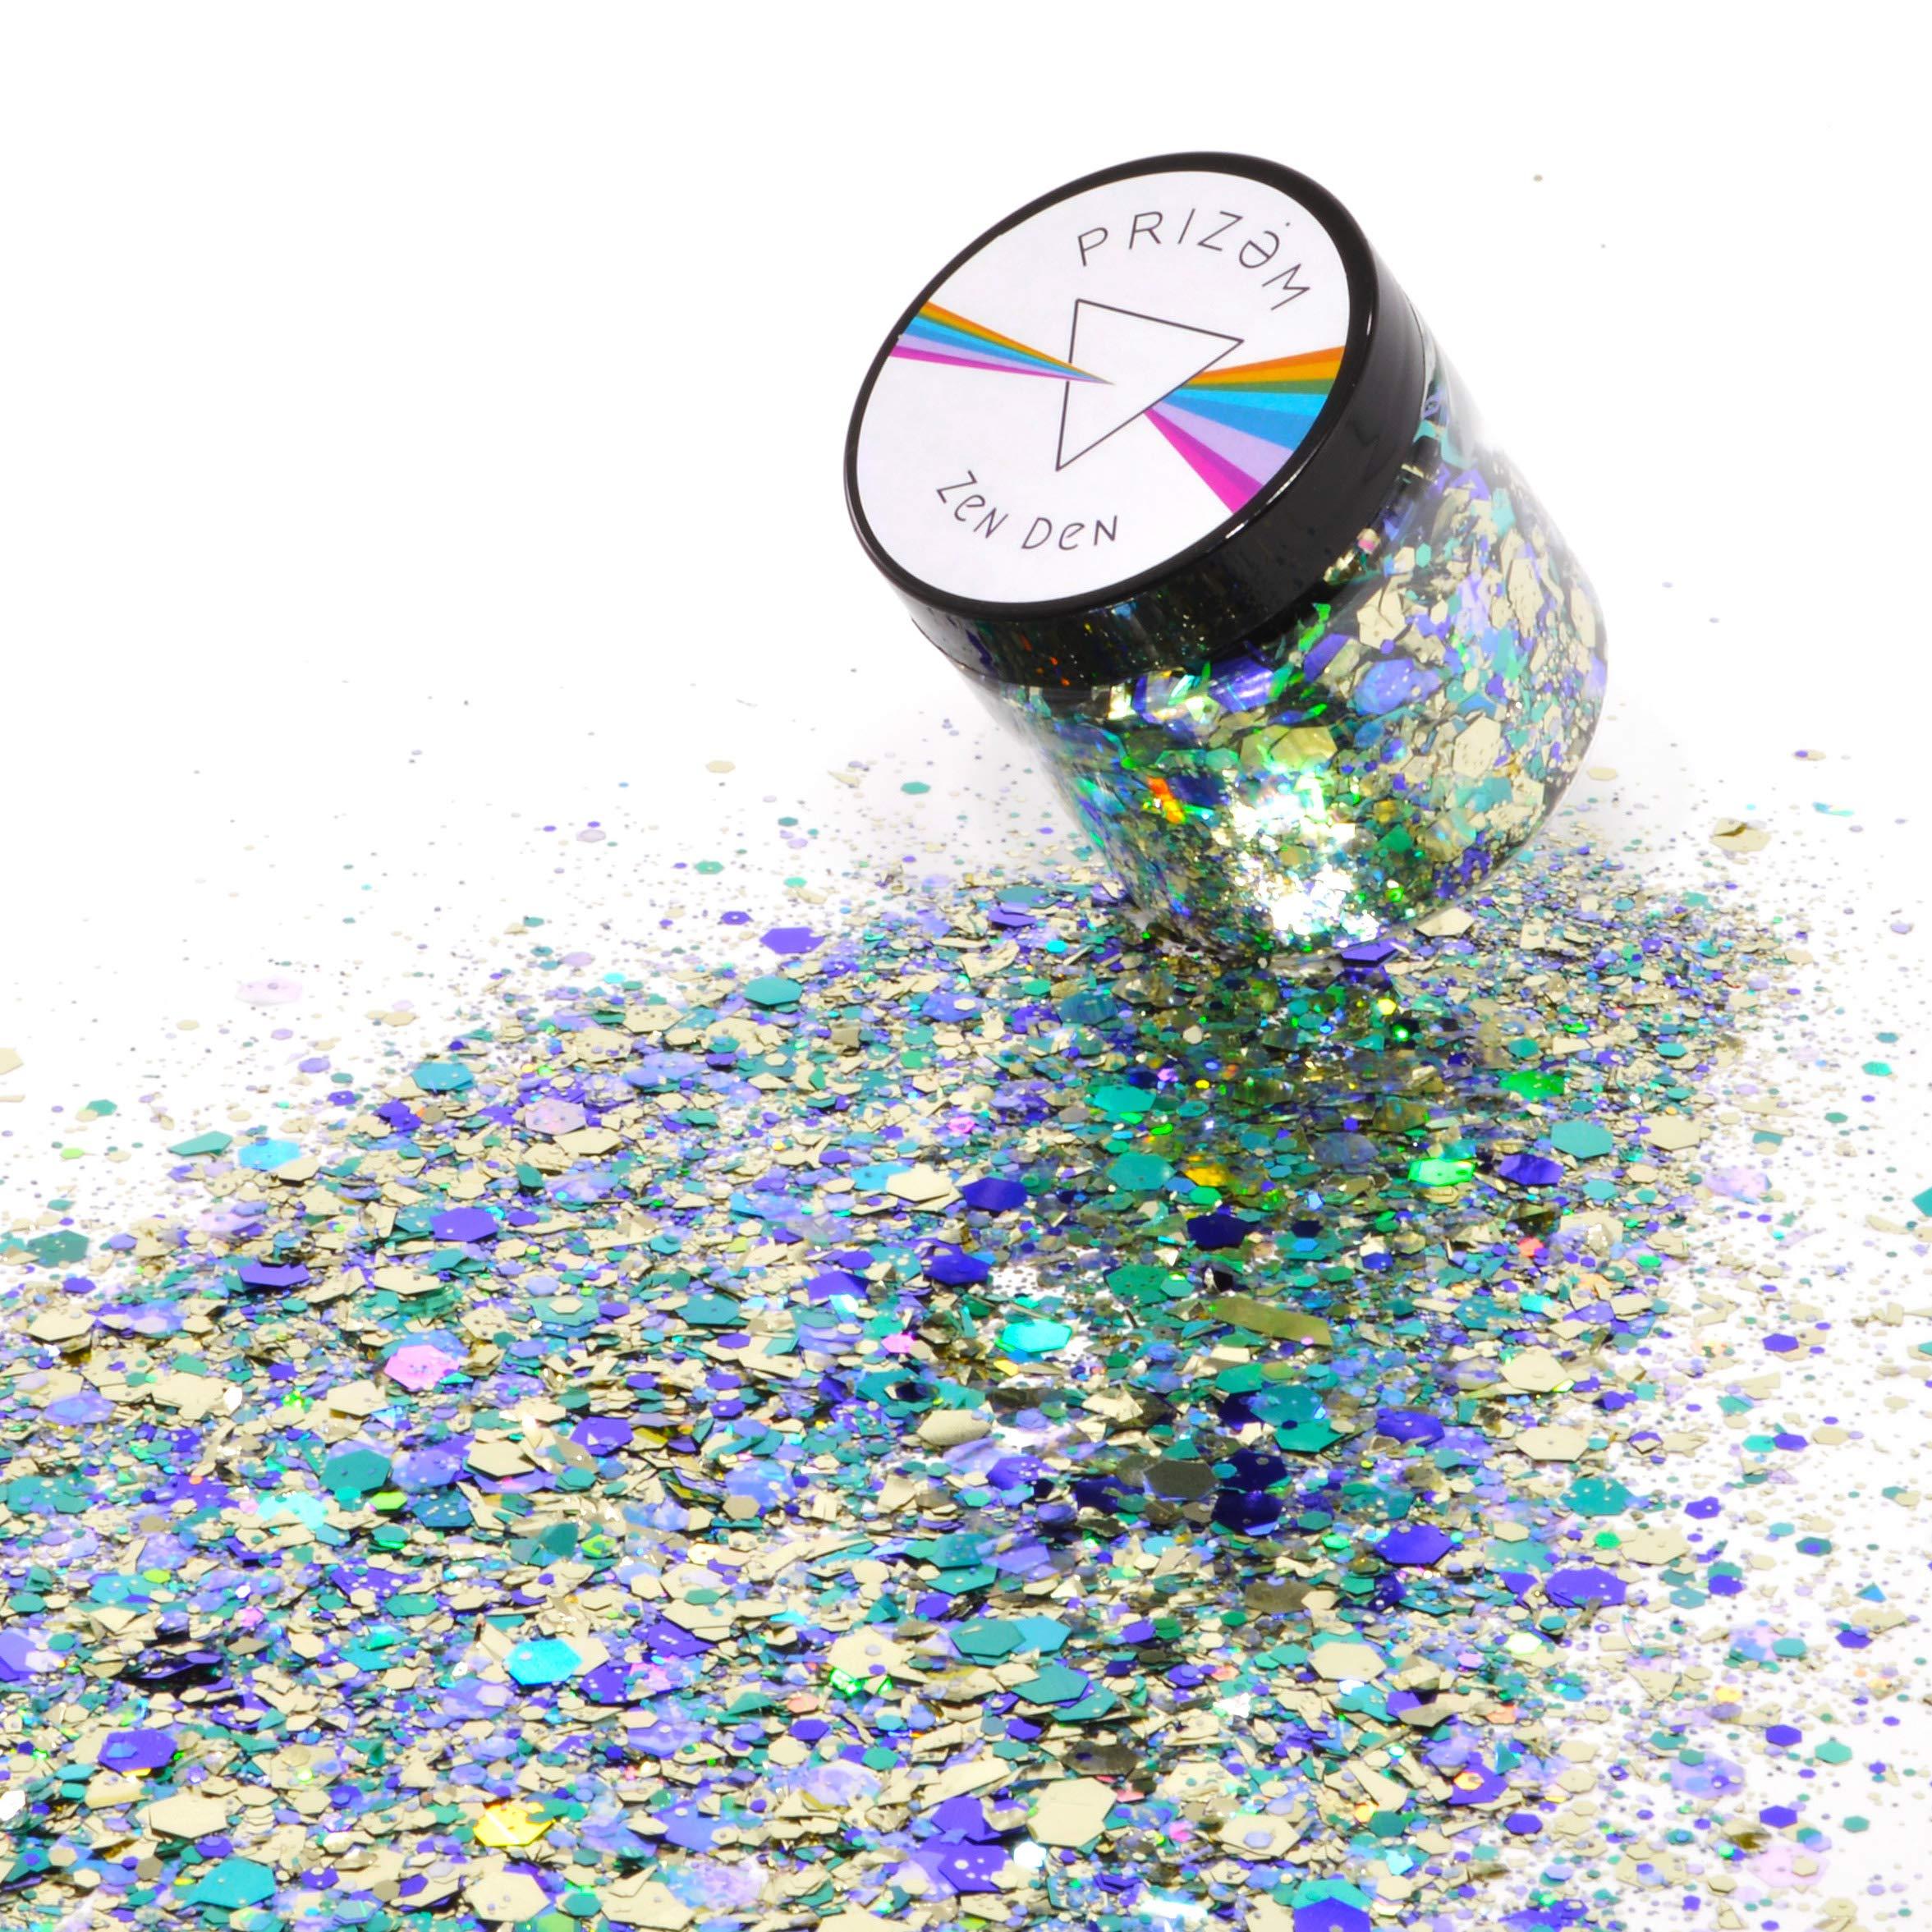 Prizem Zen Den Glitter ▽ 60g ▽ Festival Glitter , Chunky Glitter , Makeup Glitter , Face Glitter , Body Glitter , Glitter Makeup , Hair Glitter , Cosmetic Glitter , Nail Glitter , Eyeshadow Glitter